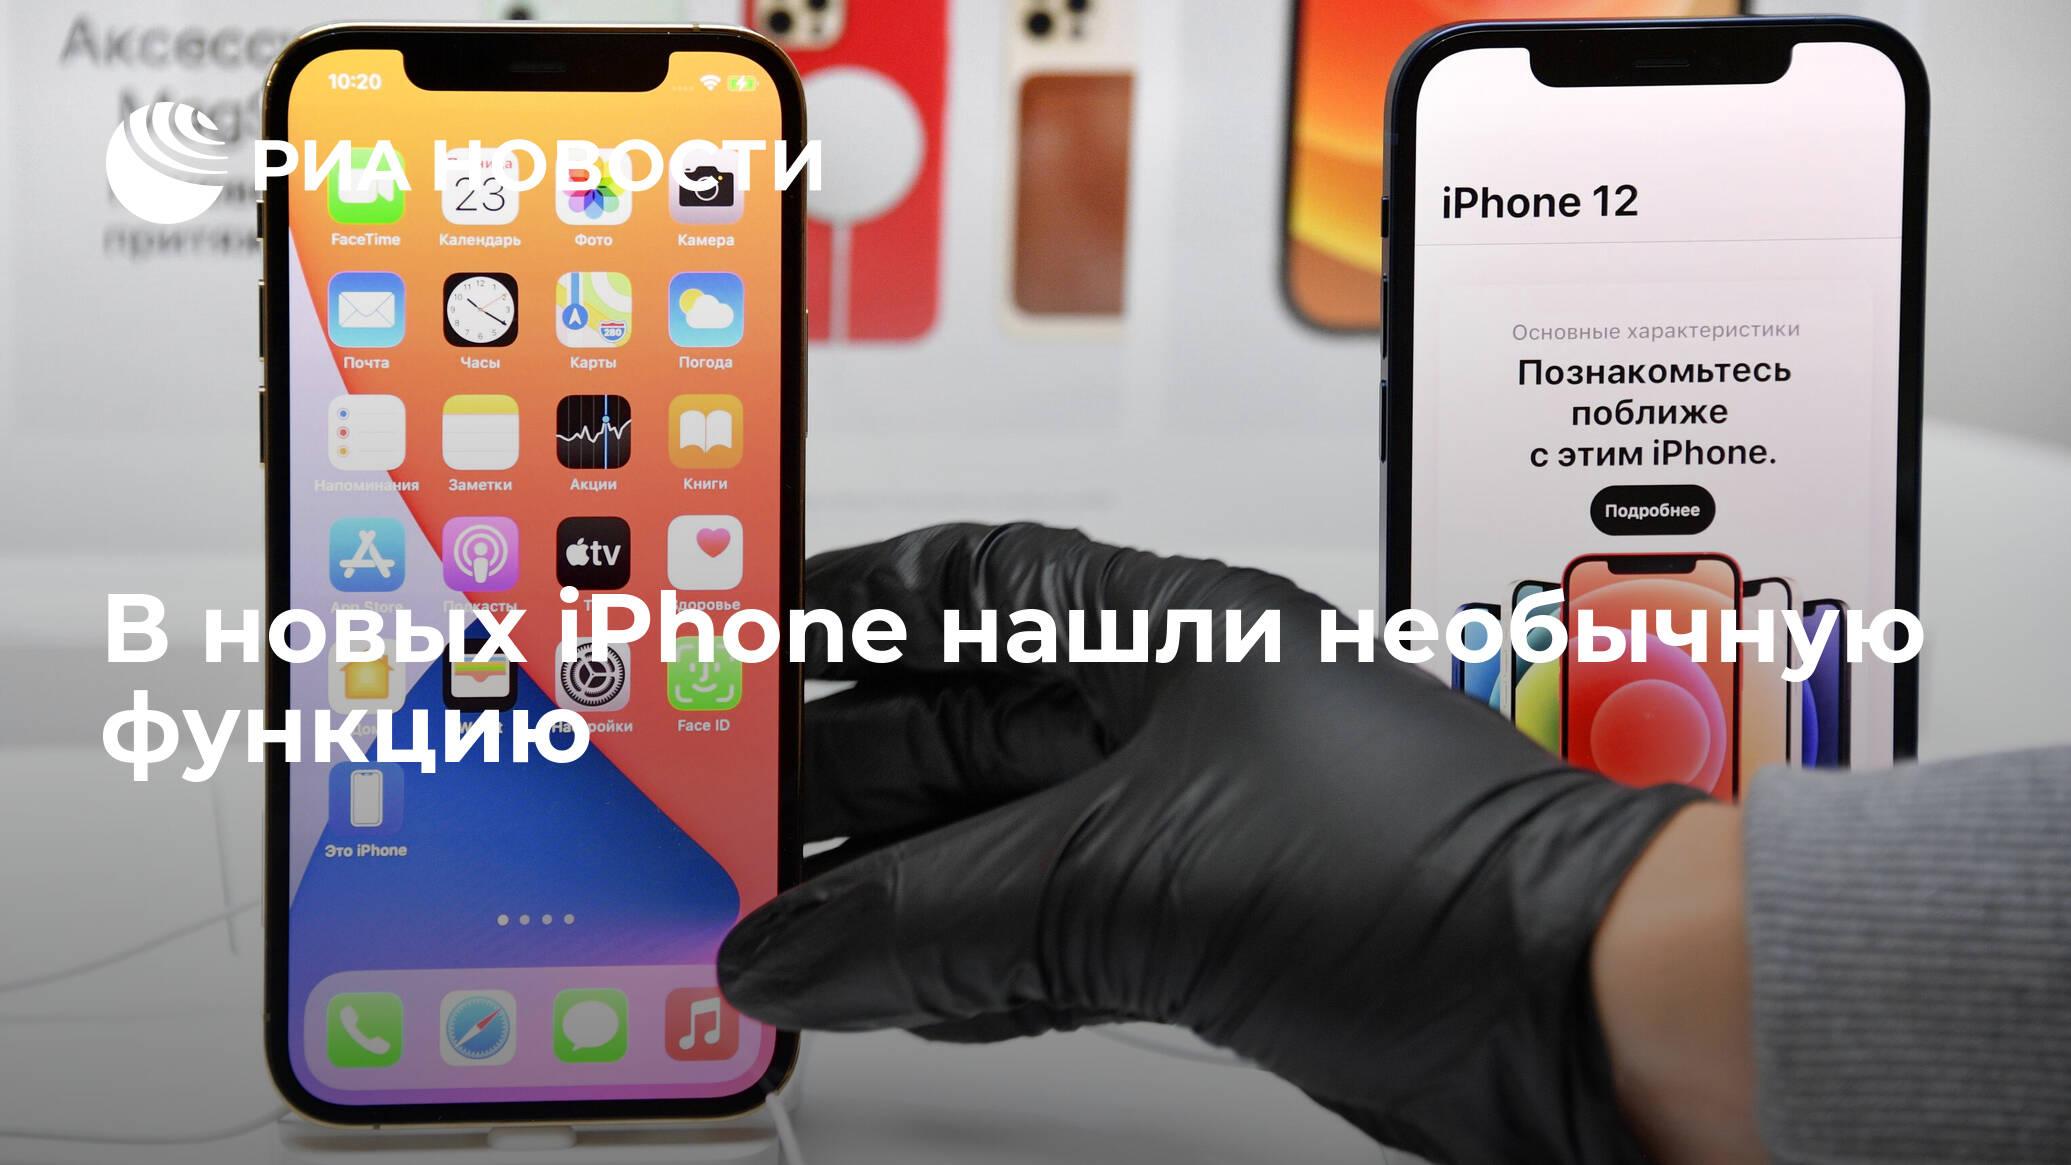 В новых iPhone нашли необычную функцию - РИА НОВОСТИ